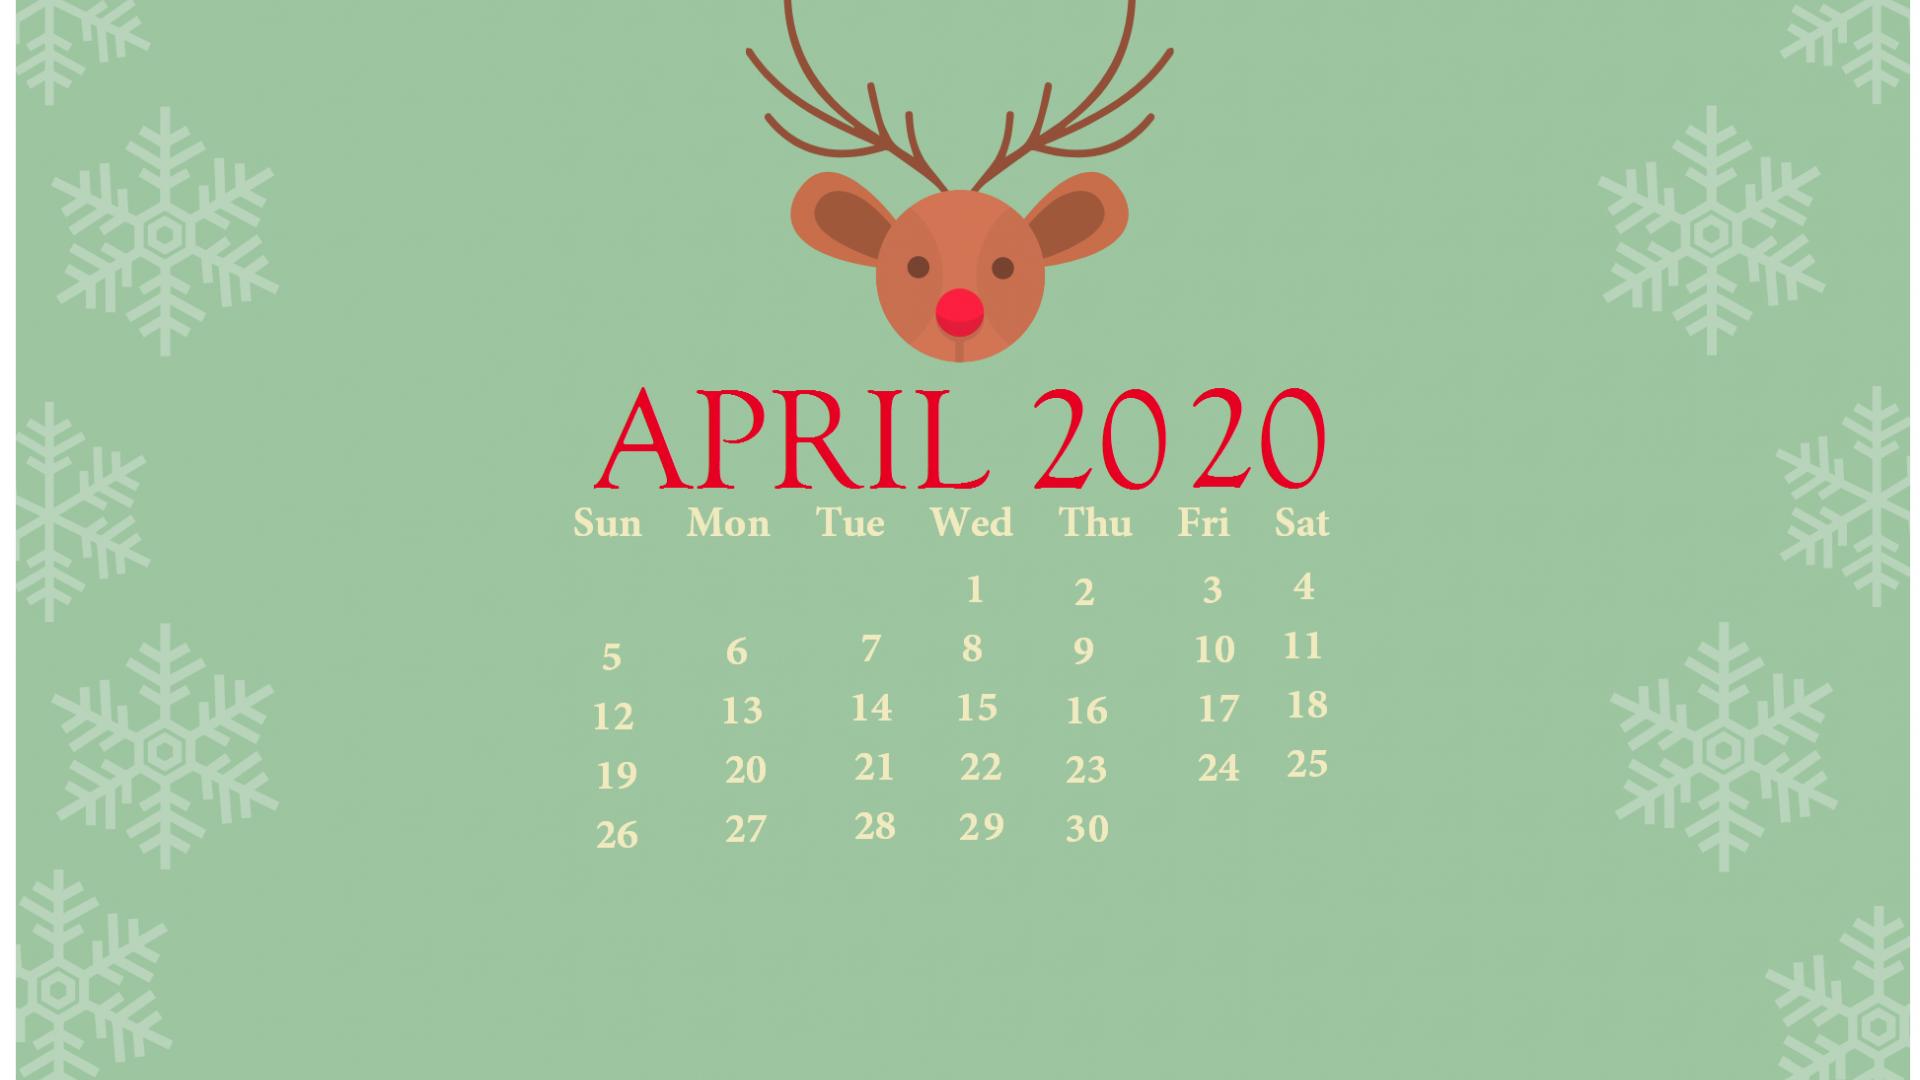 Free Download Cute 2020 Desktop Calendar Wallpaper Latest Calendar